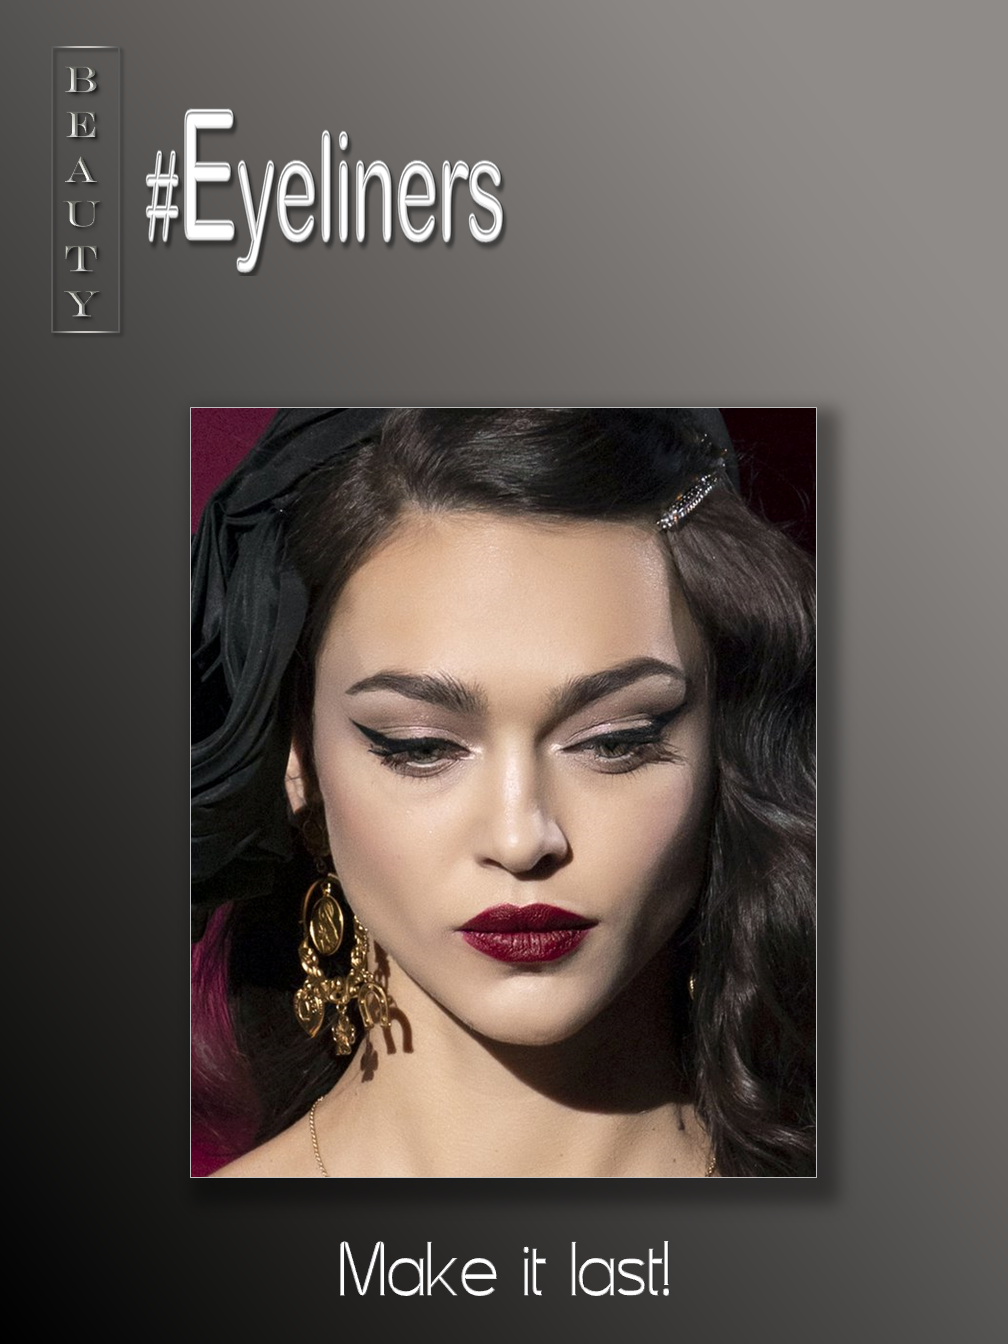 #Eyeliners